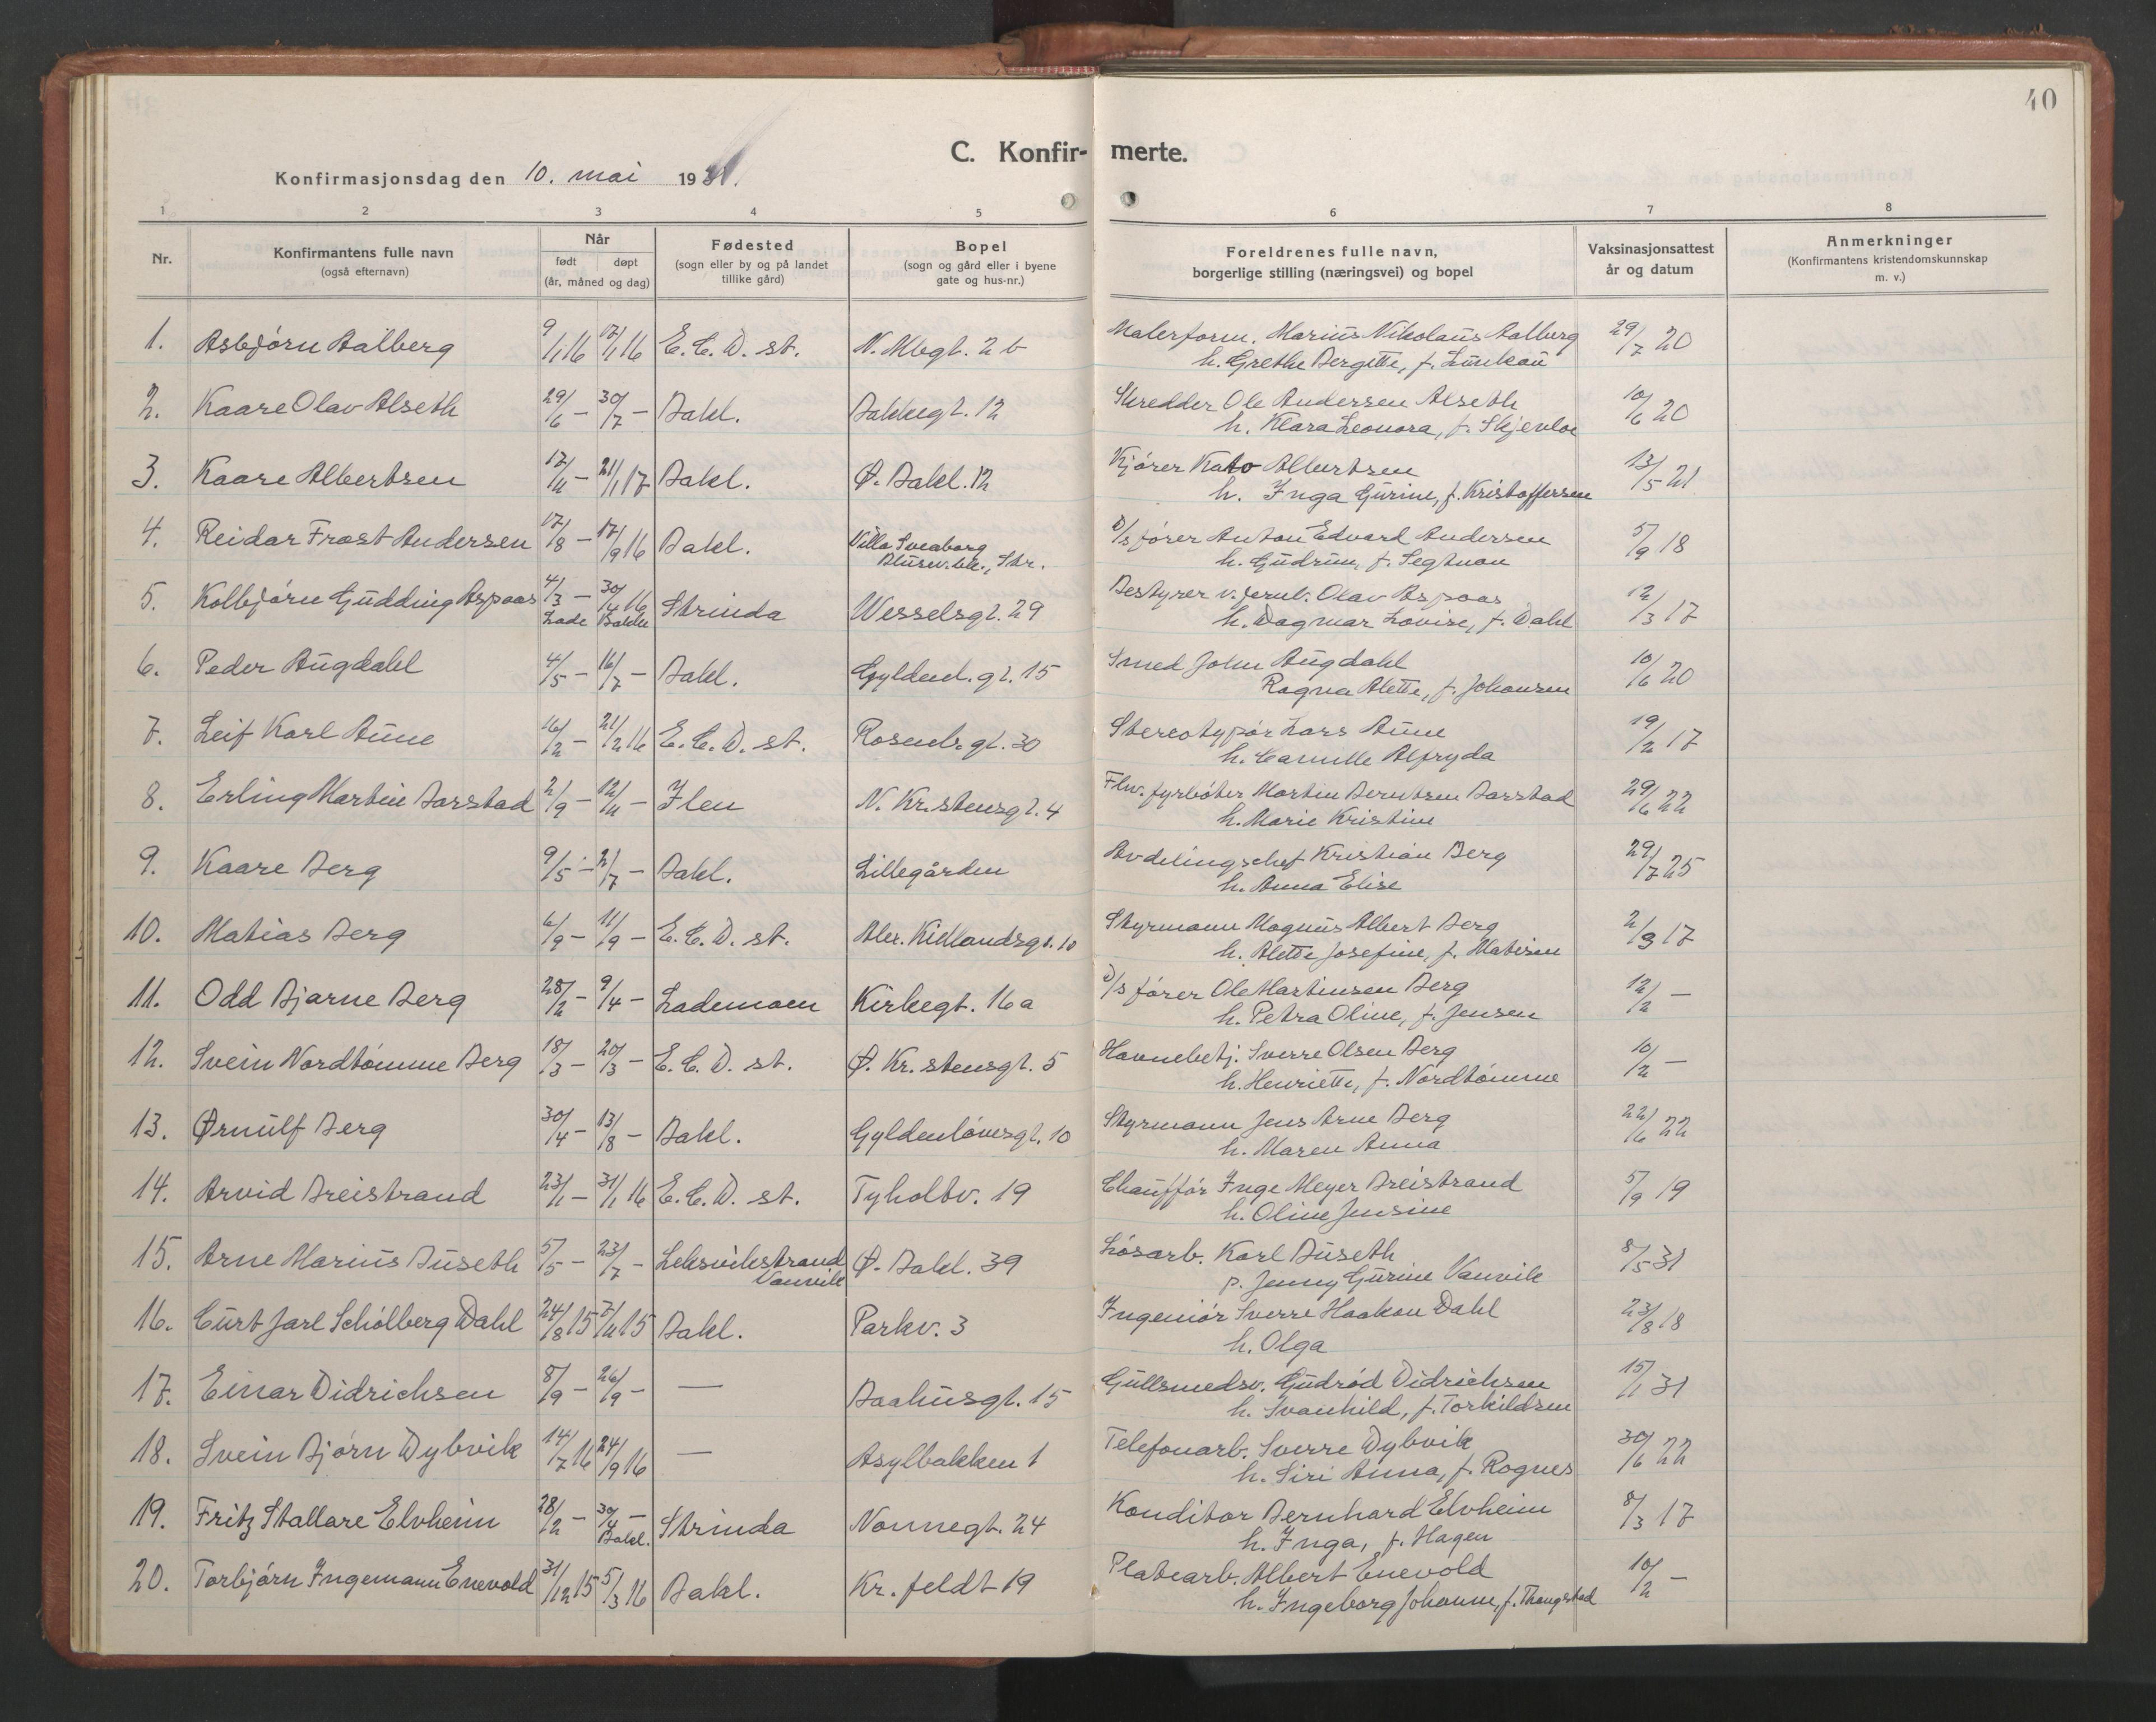 SAT, Ministerialprotokoller, klokkerbøker og fødselsregistre - Sør-Trøndelag, 604/L0228: Klokkerbok nr. 604C11, 1928-1950, s. 40